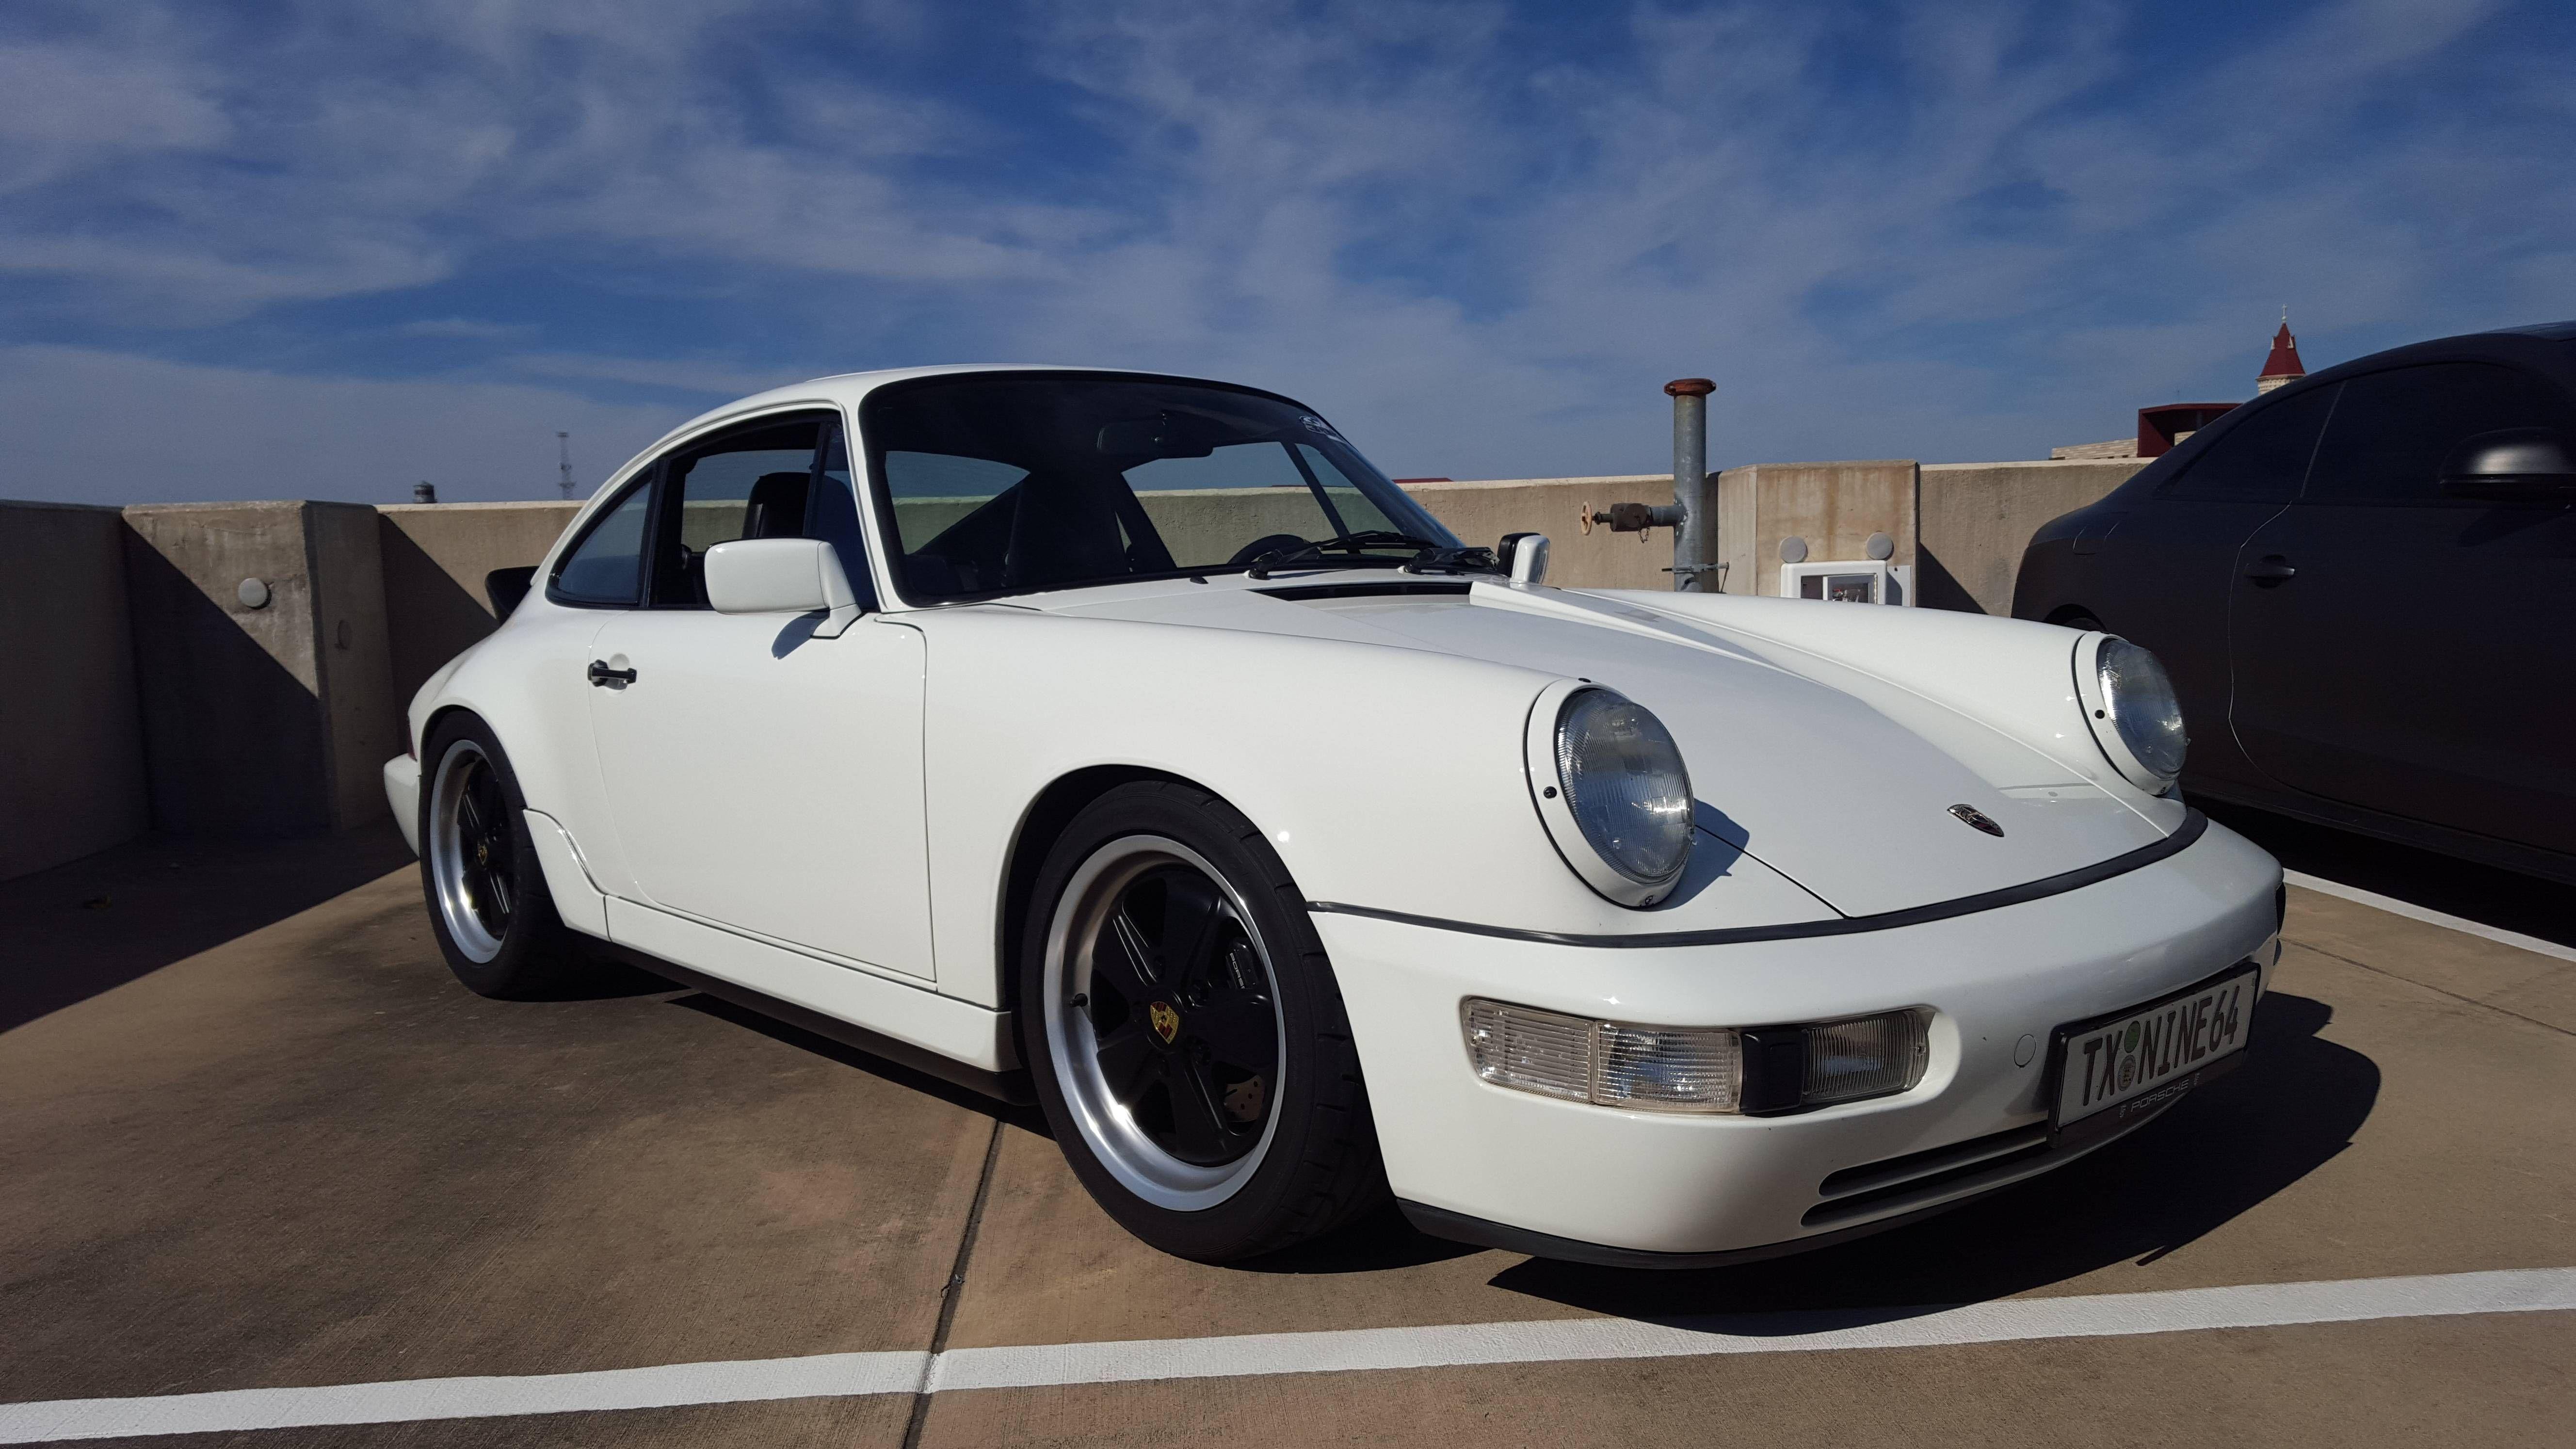 1990 Porsche 964 Austin, Texas [1440x2560] HD Wallpaper From Gallsource.com